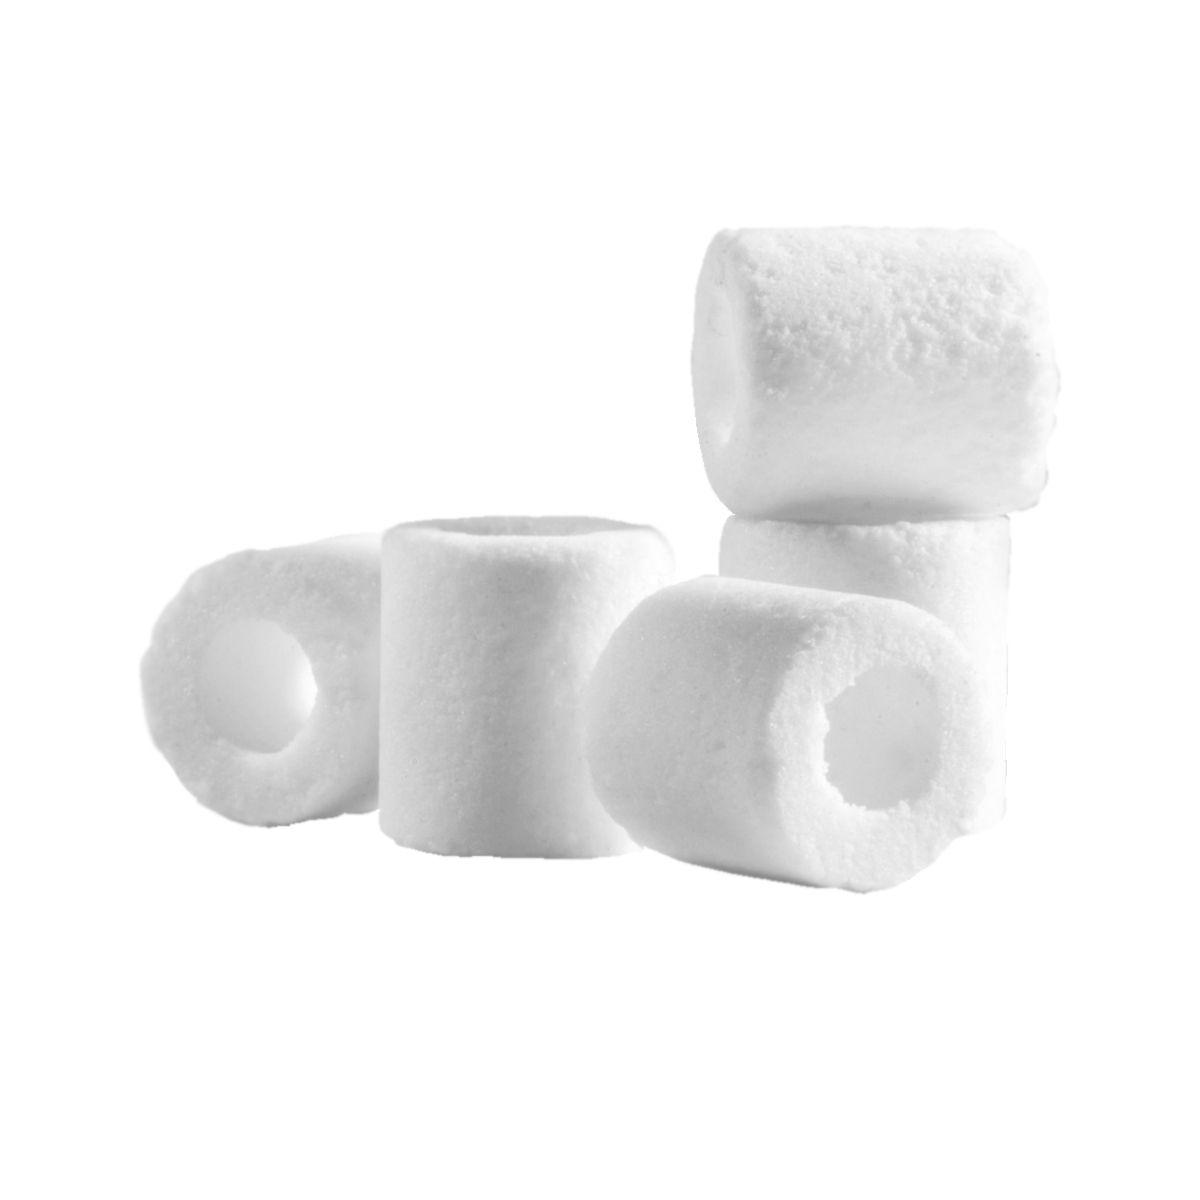 Cerâmica Cubos a Granel 1 Litro Bioglass Super Biológica